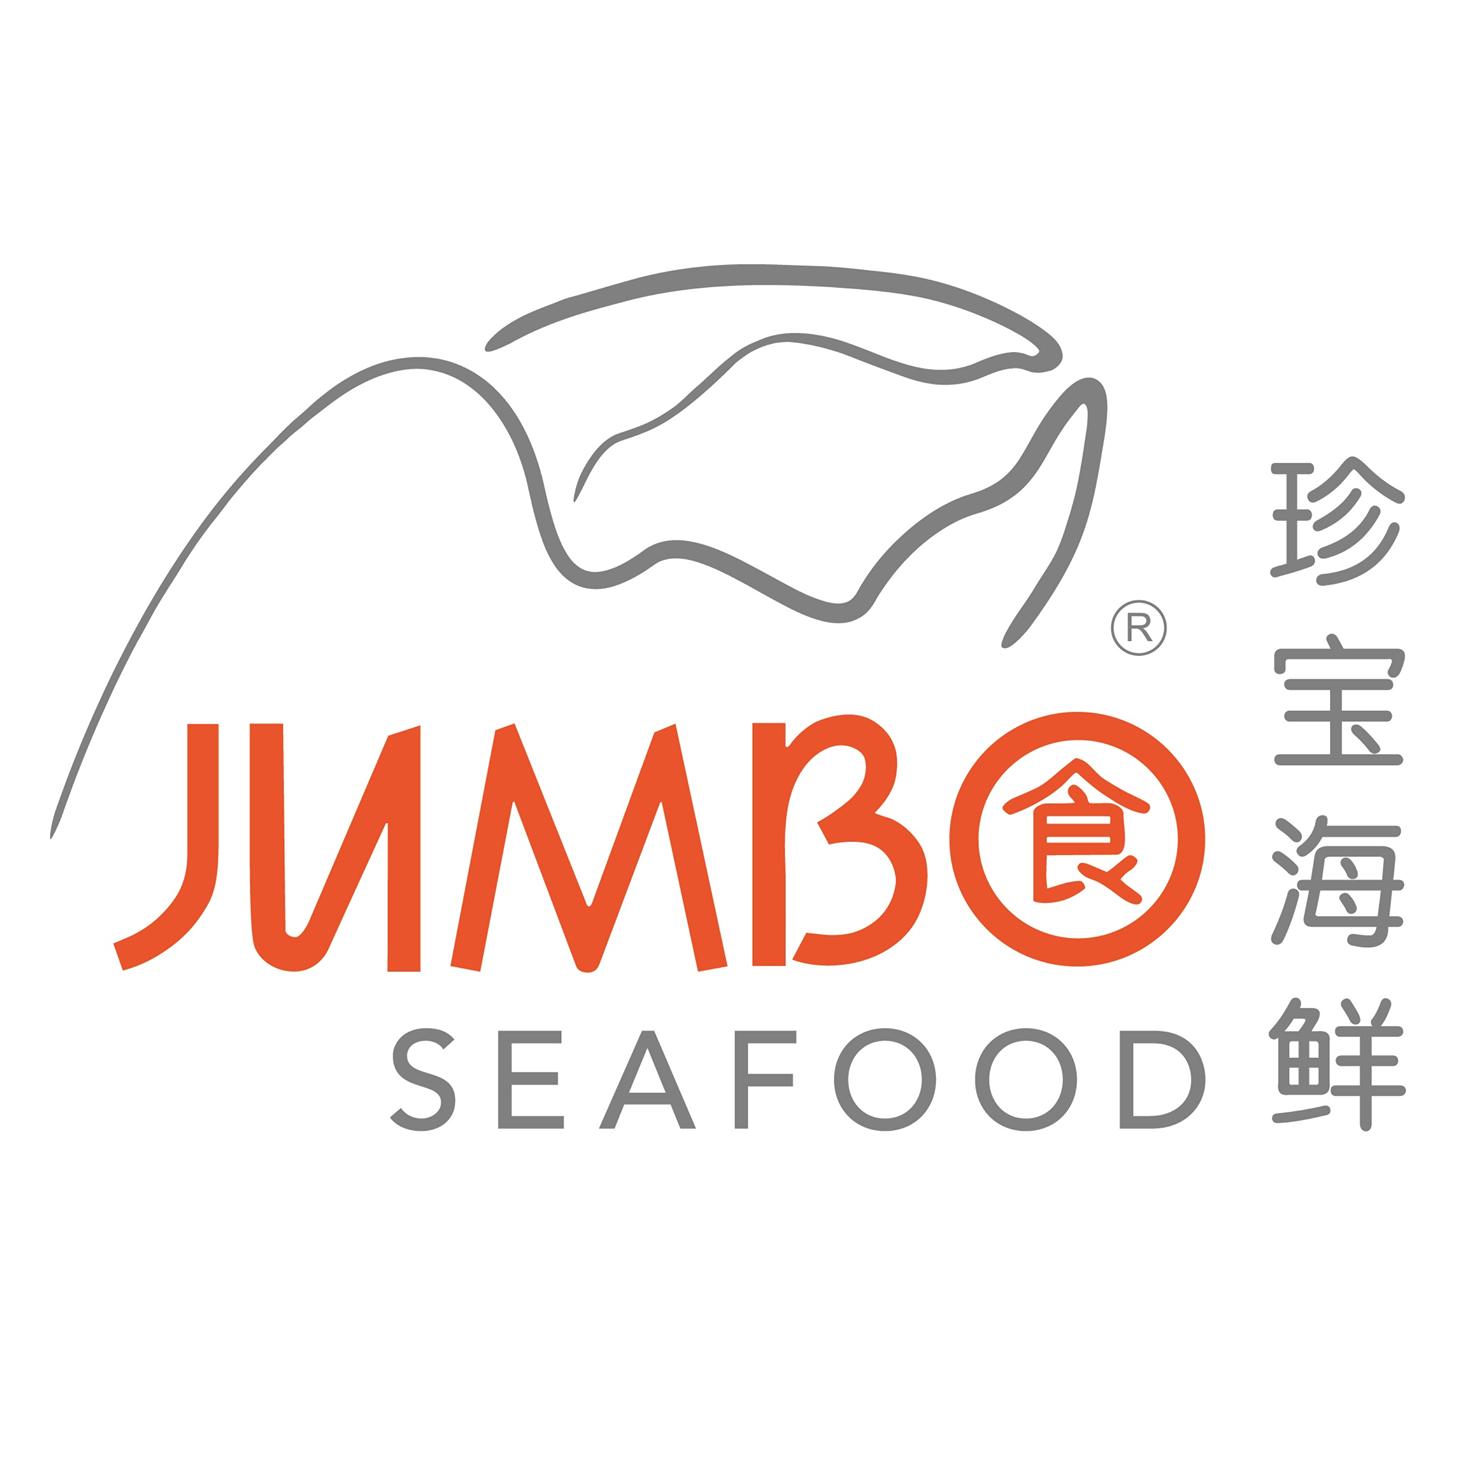 JUMBO Seafood Vietnam